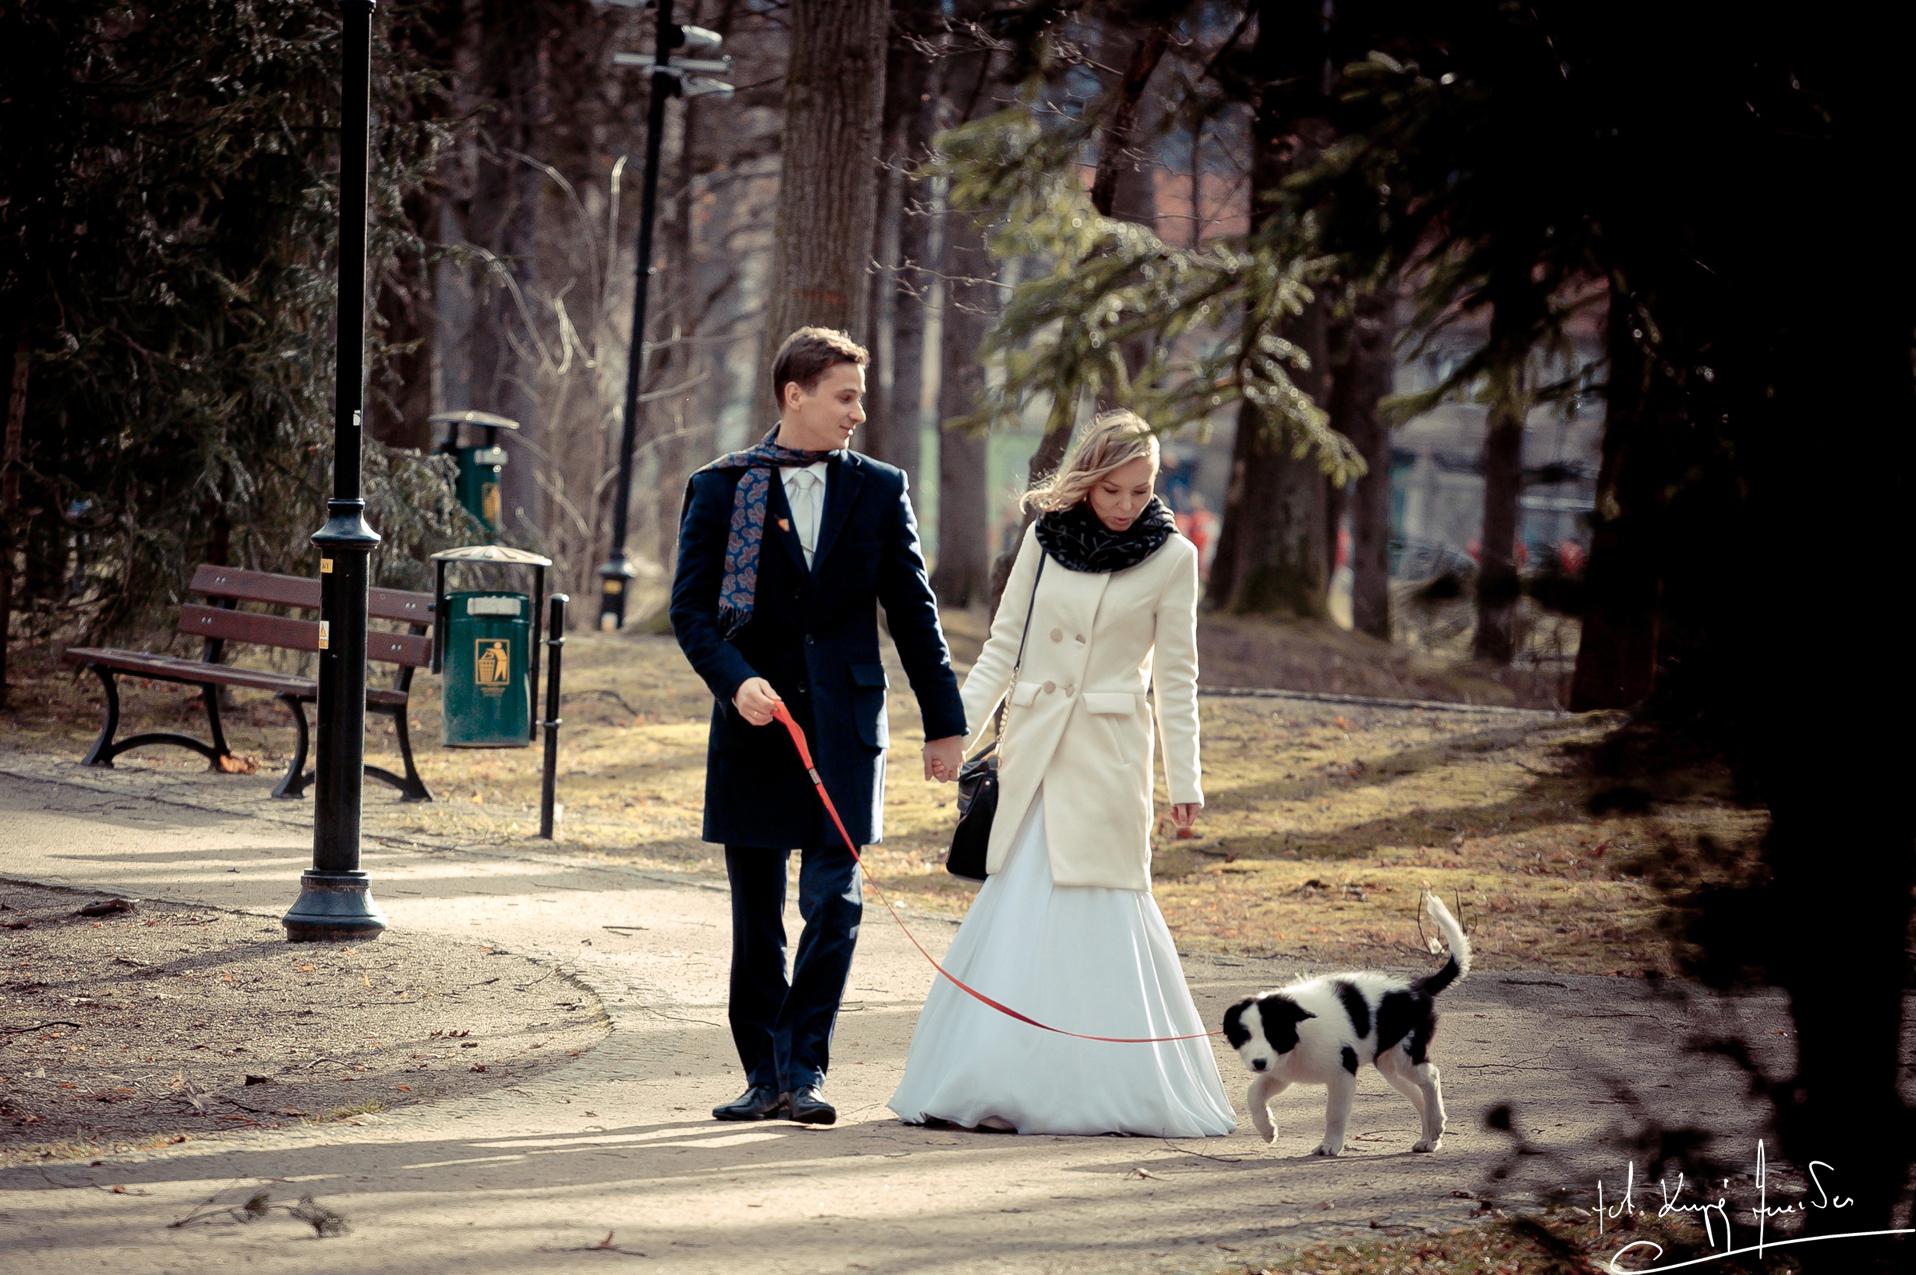 Ślub w jeleniej górze 4 Lutowy Plener z Eweliną i Mikołajem